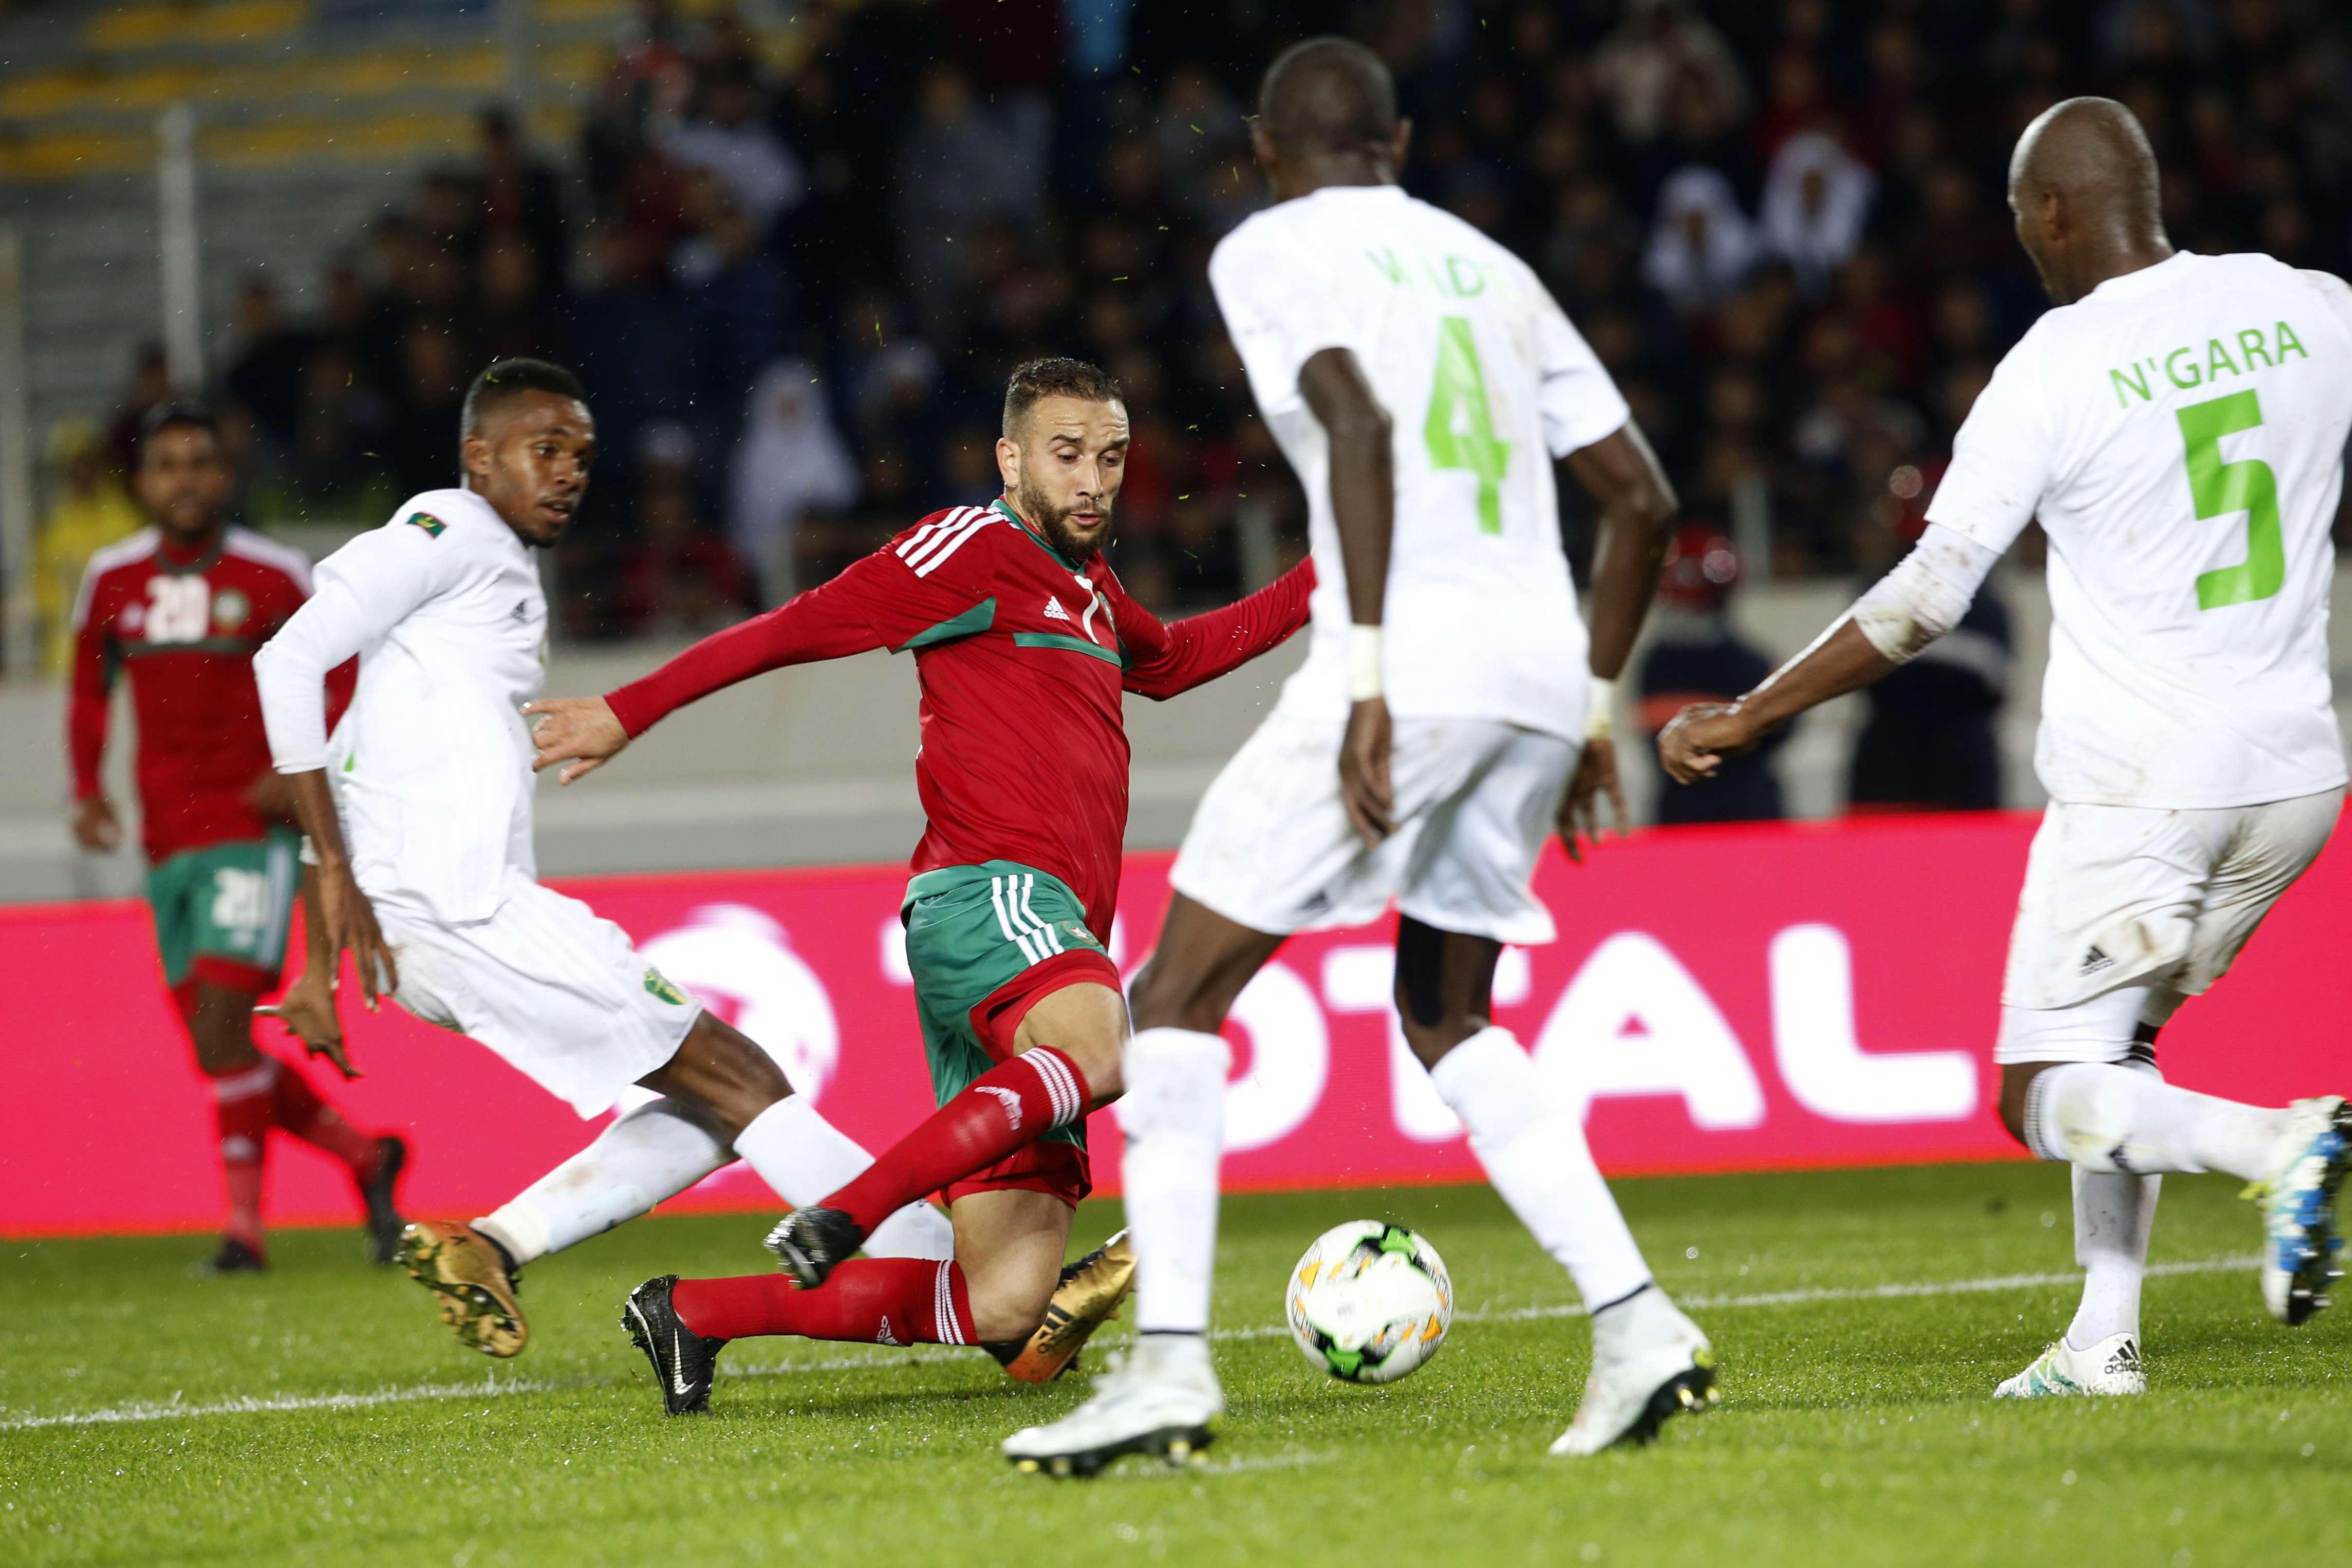 L'équipe de football marocaine affronte la Mauritanie, le 13 janvier 2018.